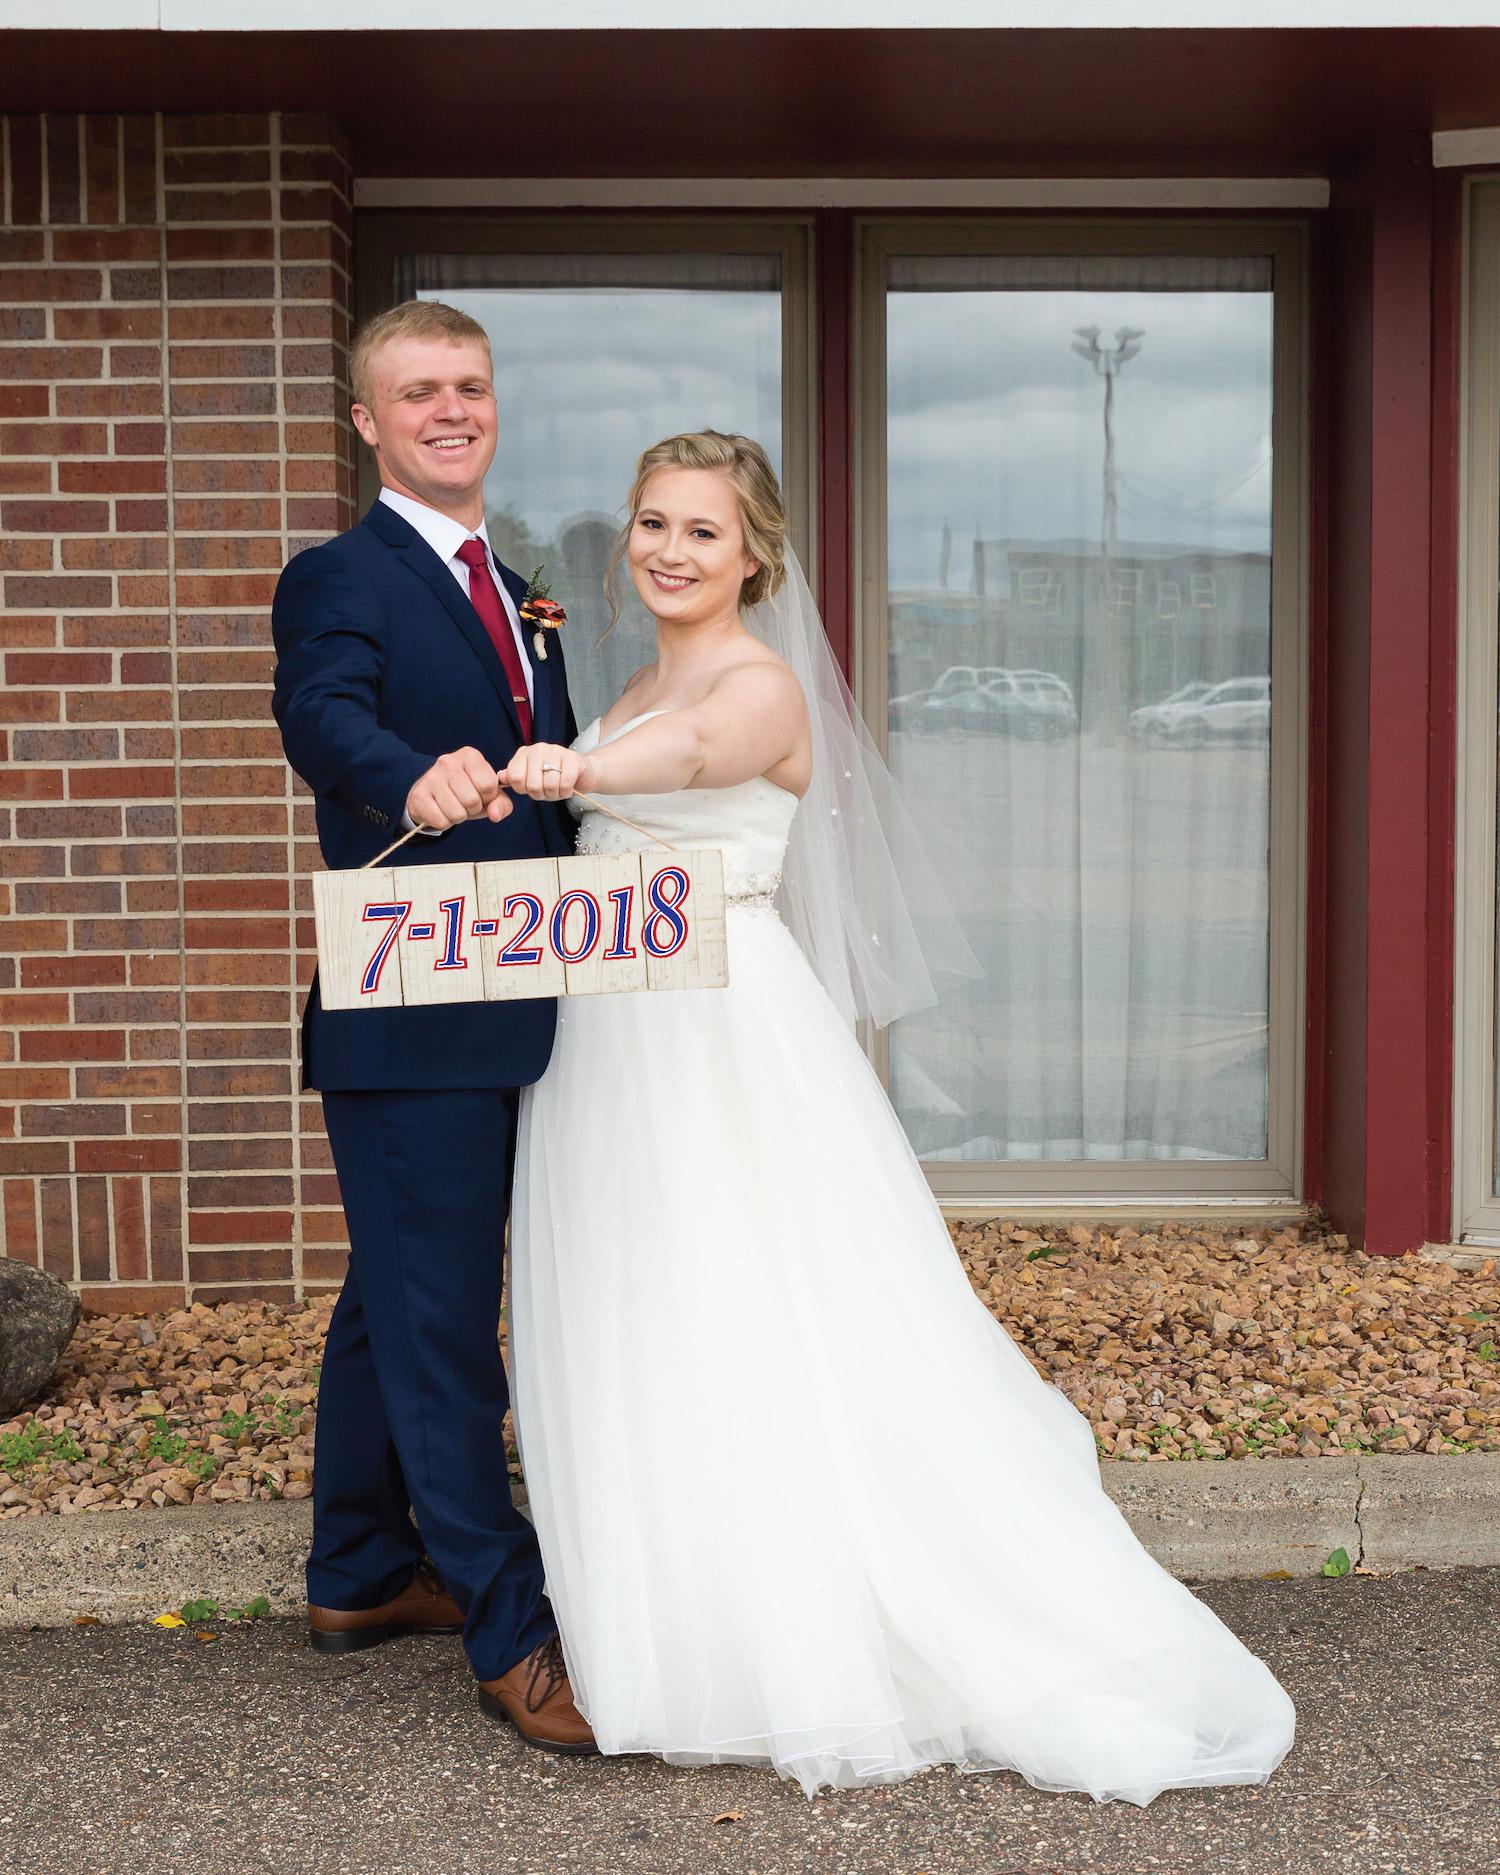 Rosehenge wedding, Lakeville wedding venue, affordable wedding venue in south Minnesota, wedding date wood sign